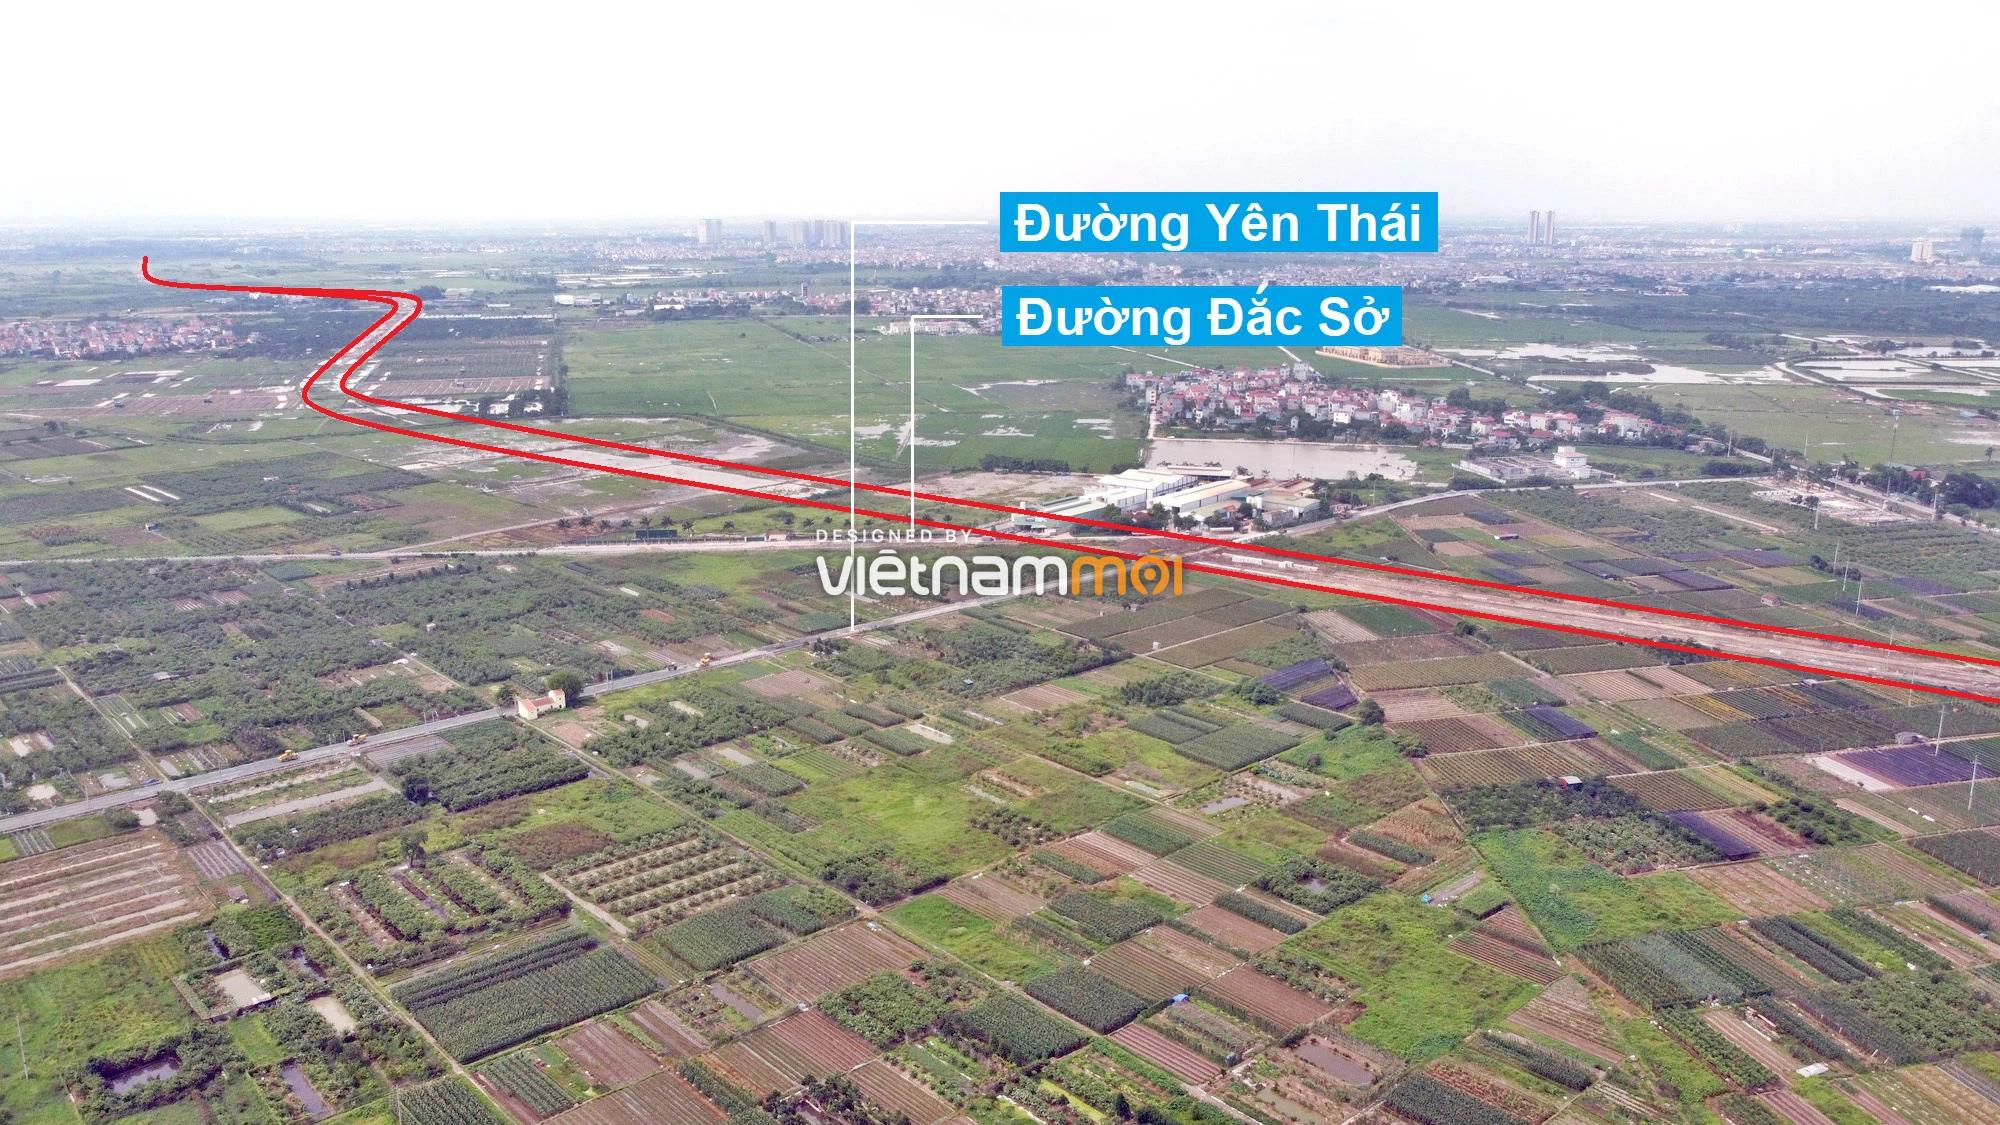 Toàn cảnh đường Liên khu vực 1 từ Đức Thượng đến Song Phương đang mở theo quy hoạch ở Hà Nội - Ảnh 13.